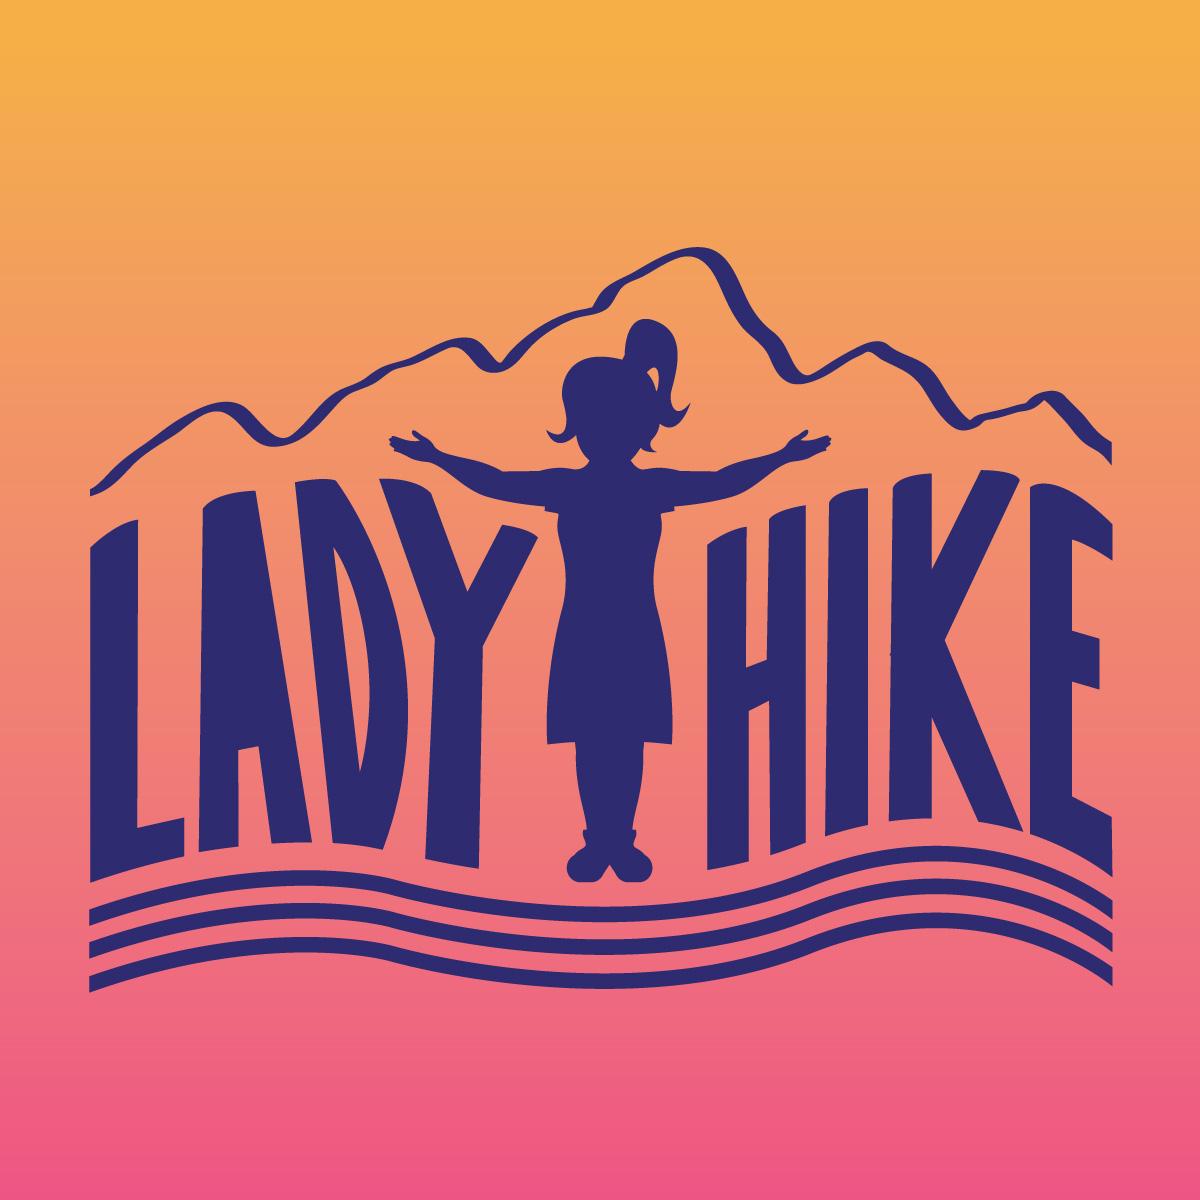 Original Lady Hike LOGO